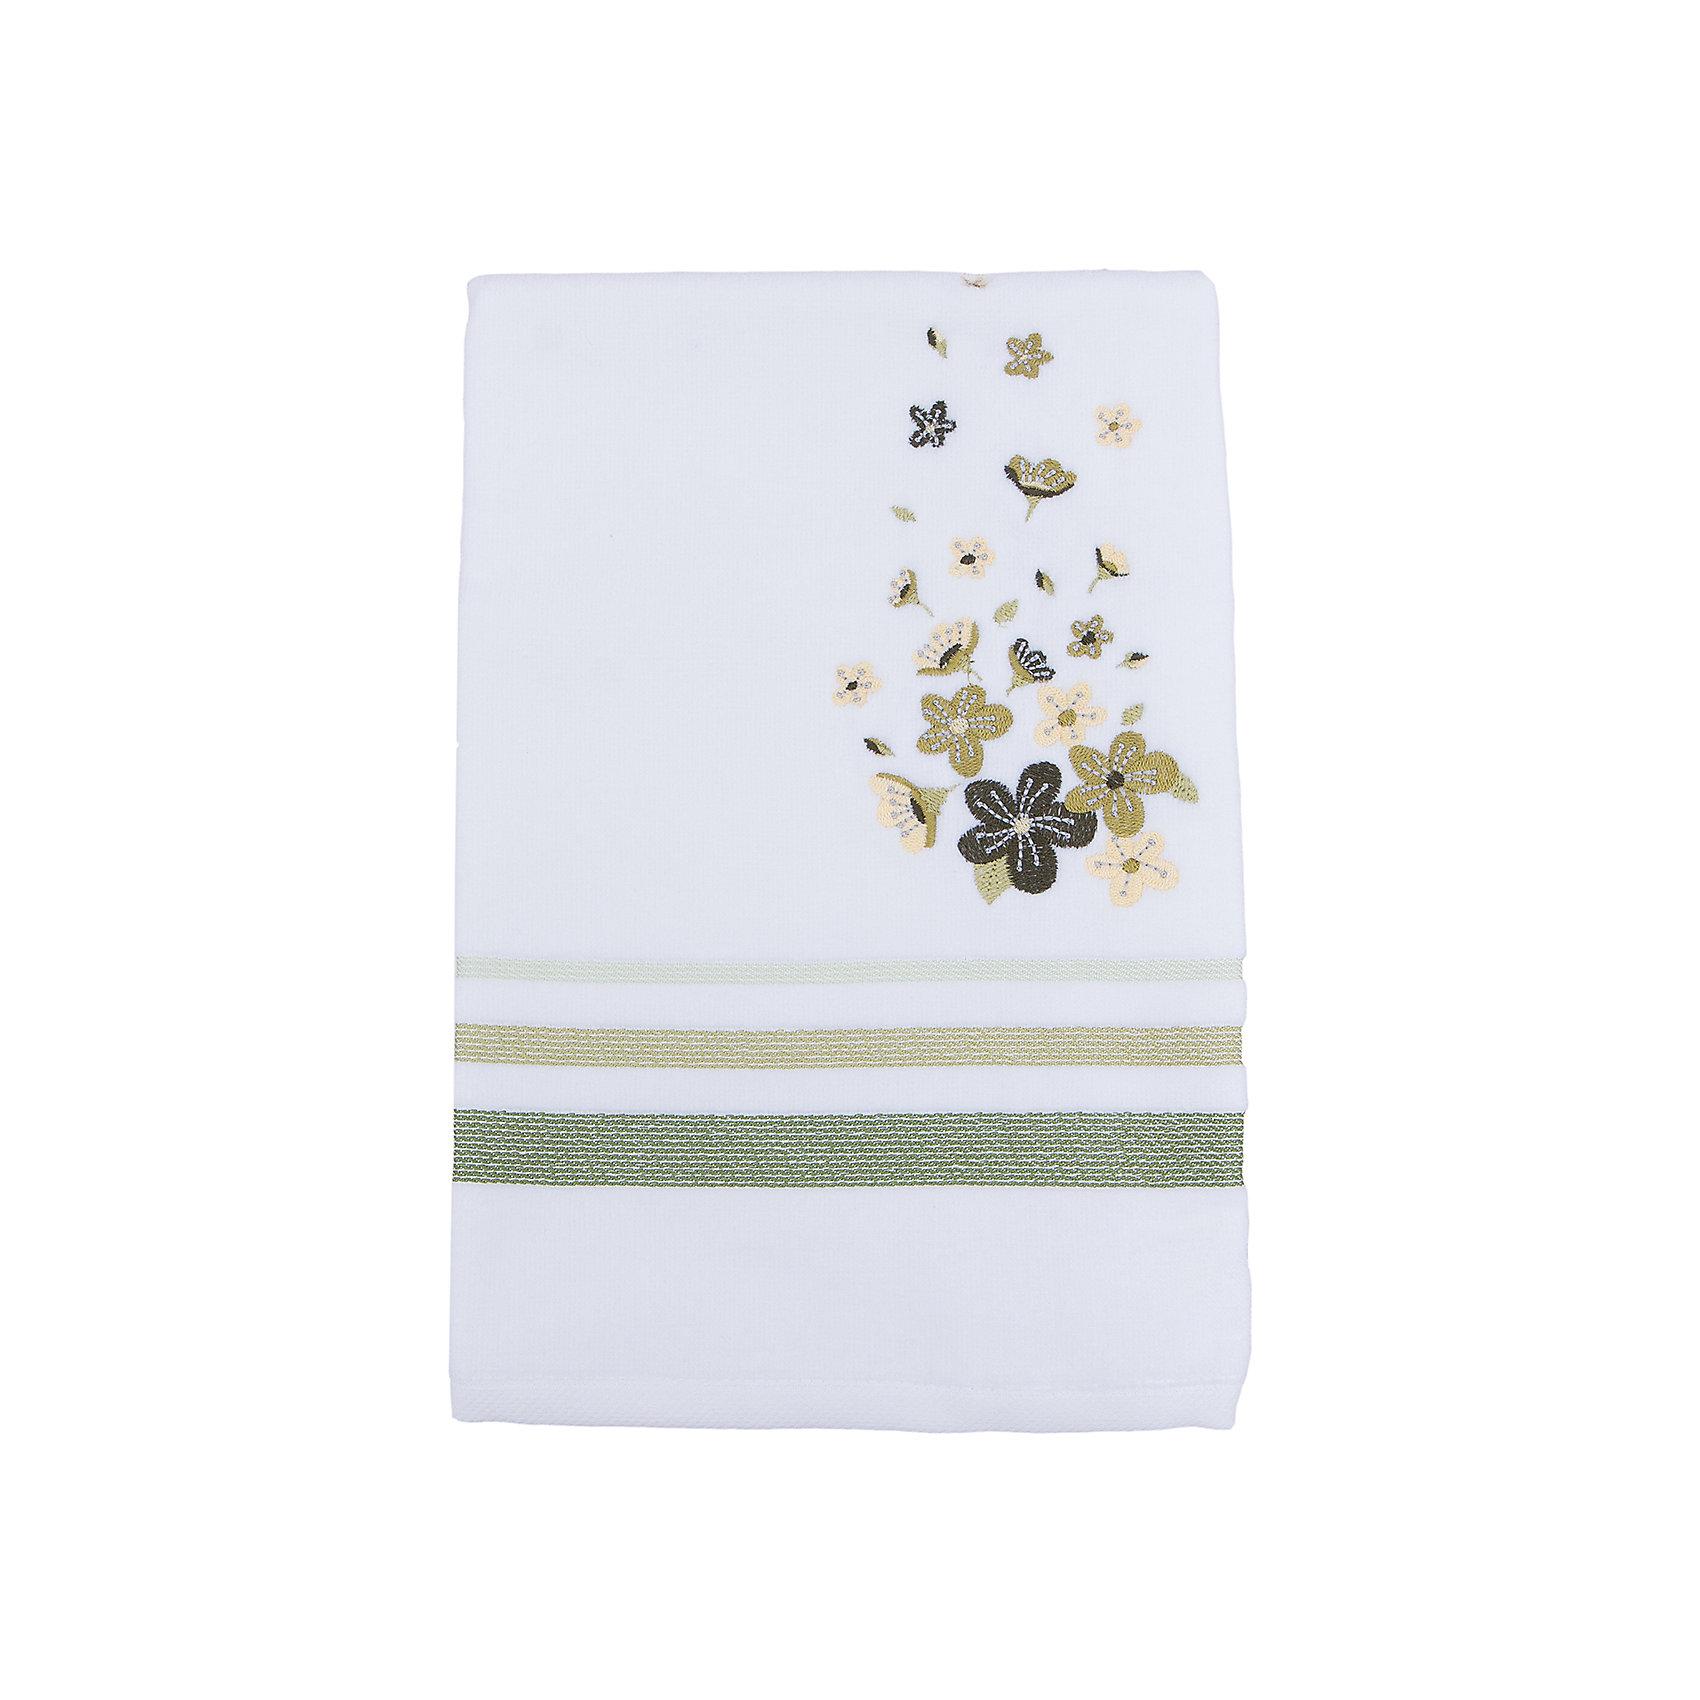 TAC Полотенце подарочное ADELIA махровое 50*90, TAC, зеленый tac tac полотенце adelia цвет бежевый 50х90 см